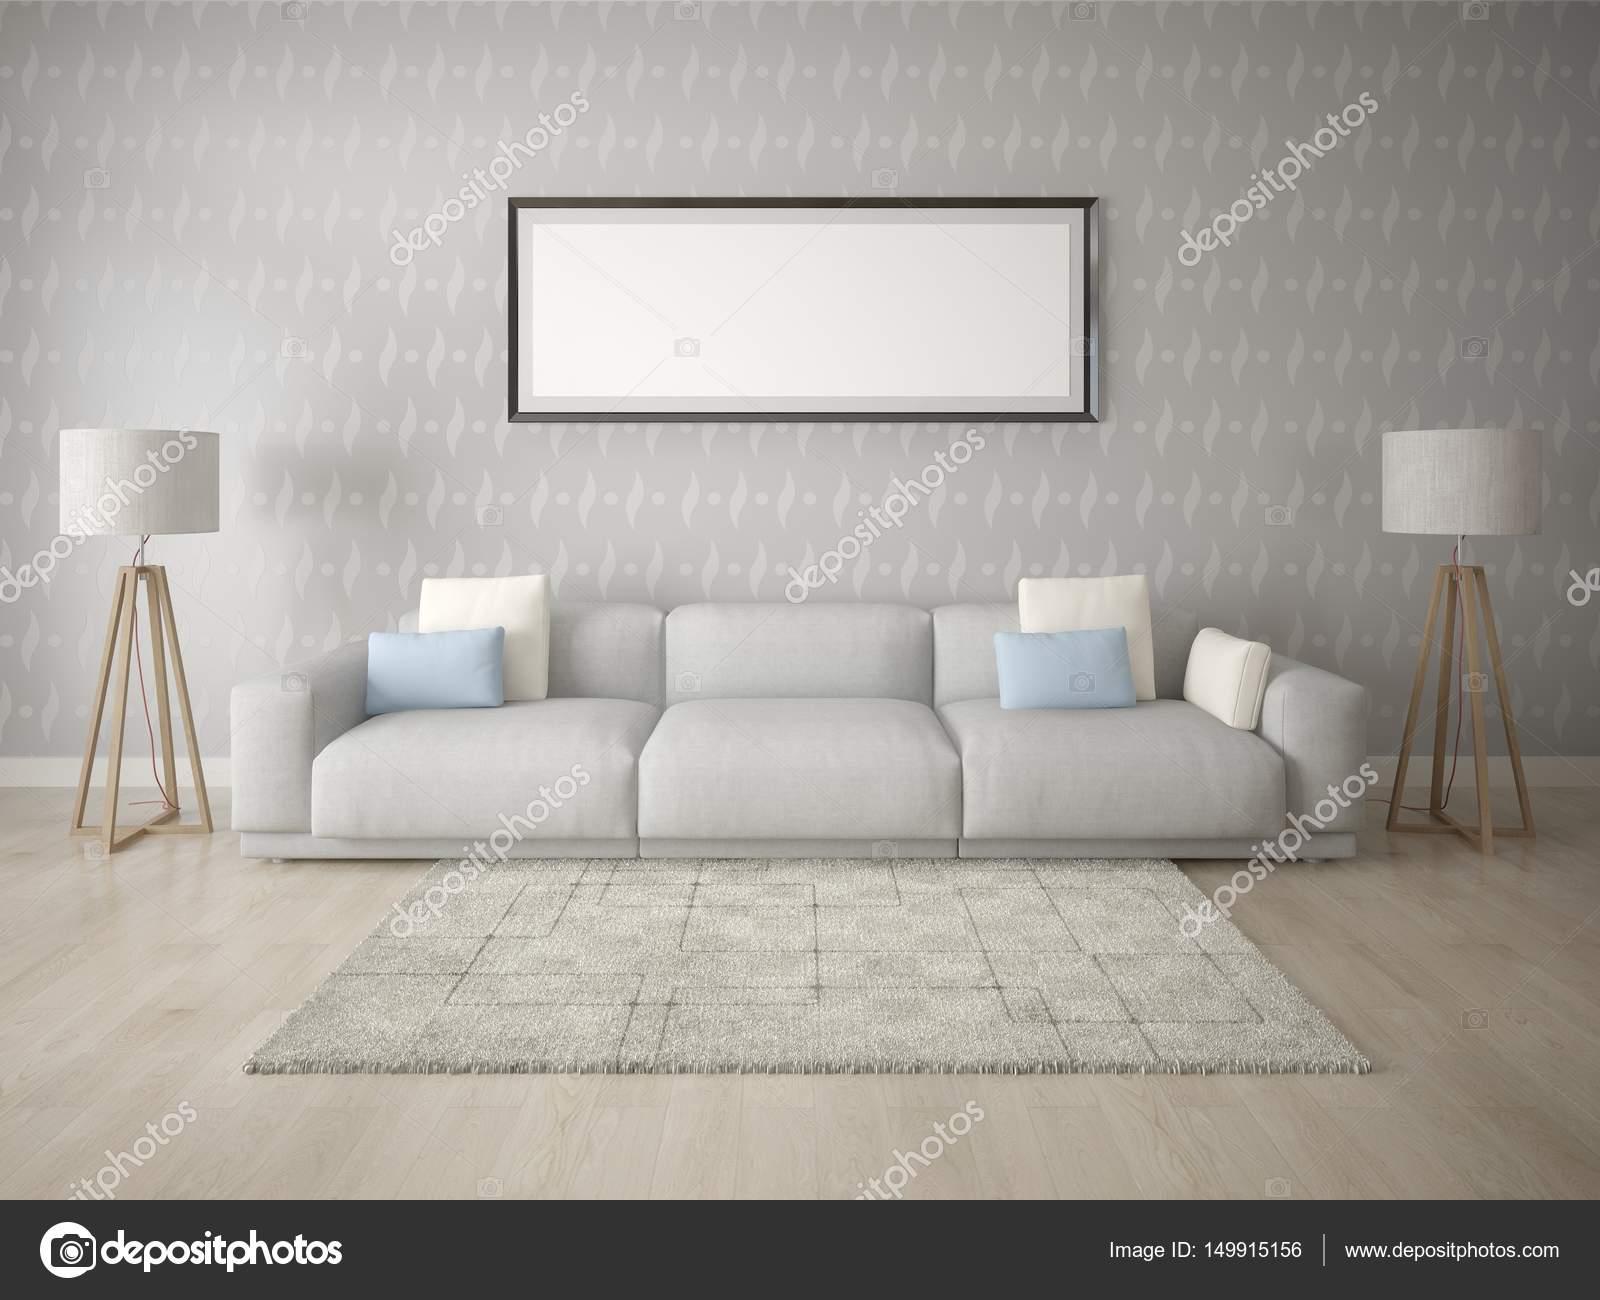 Large comfortable sofa comfortable sectional sofa adrop me for Big comfortable sofas